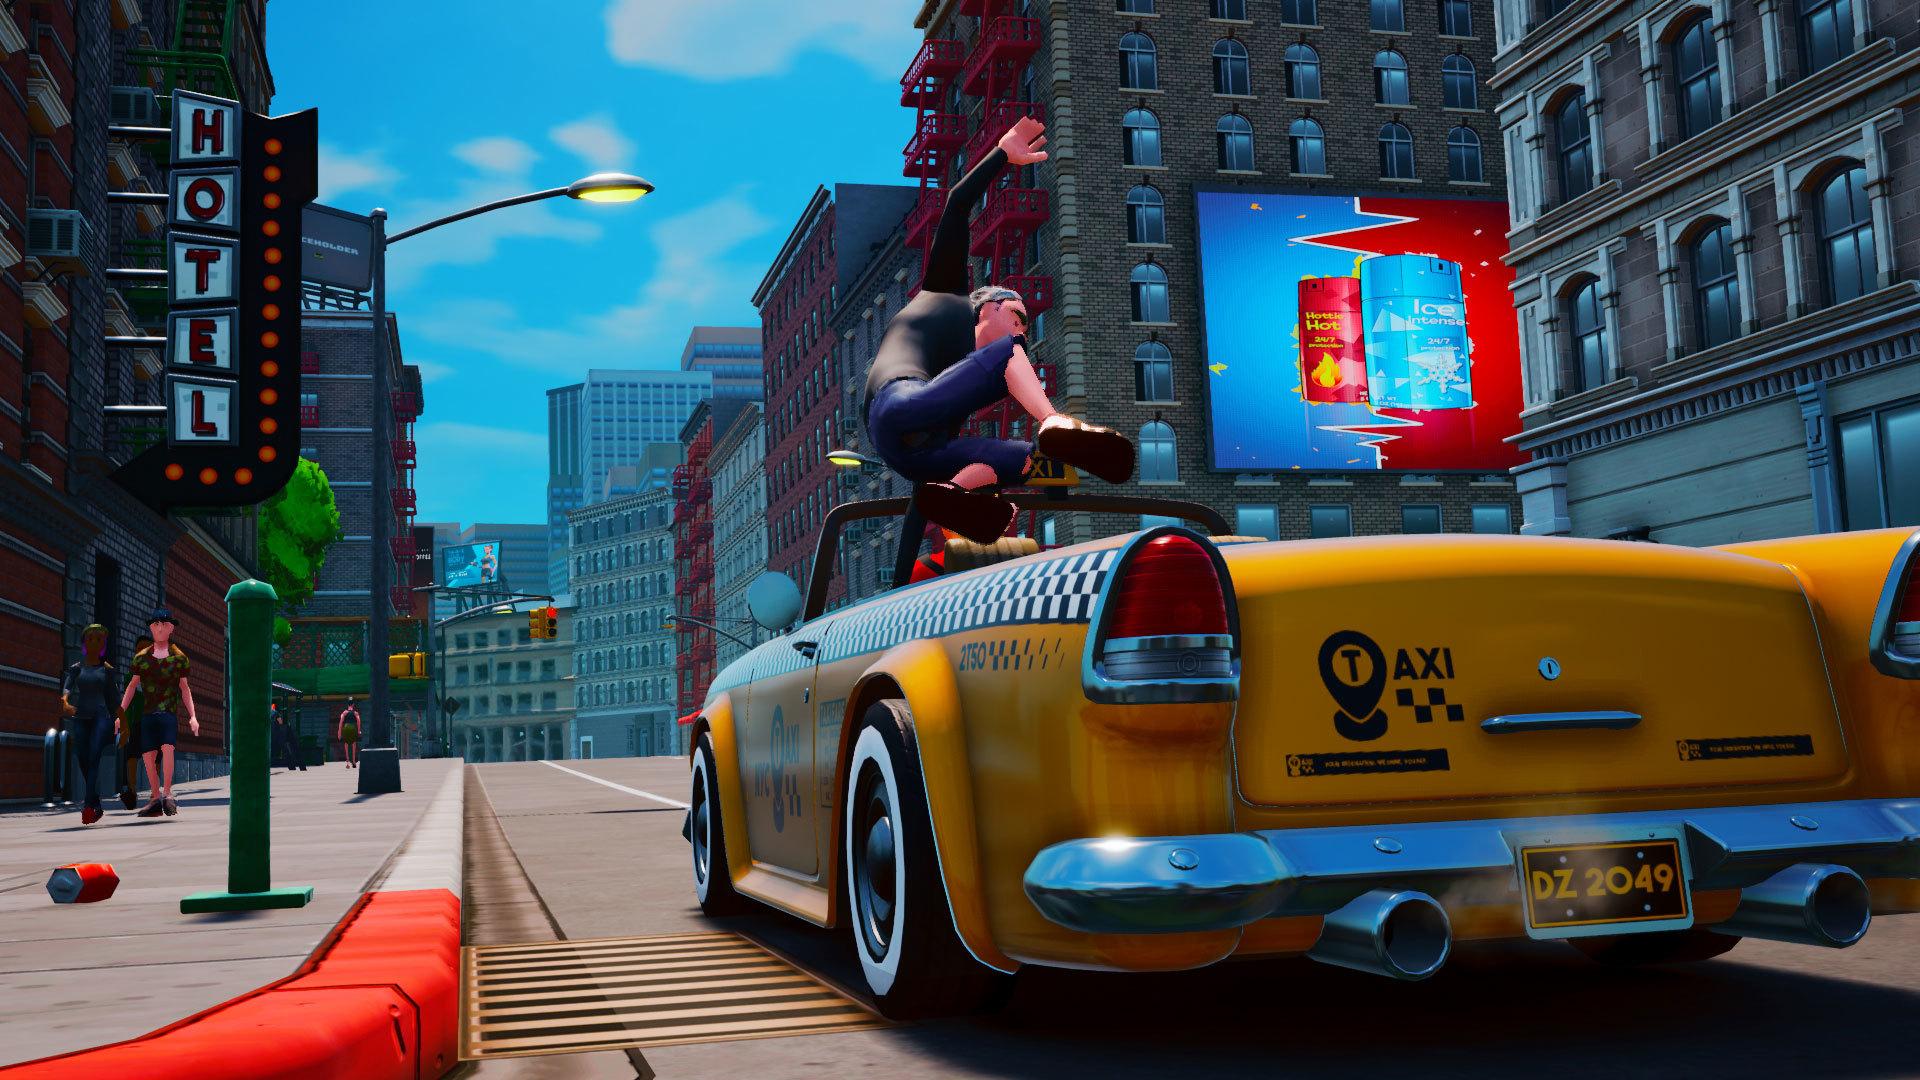 Taxi Chaos ya cuenta con fecha de lanzamiento y plataformas confirmadas